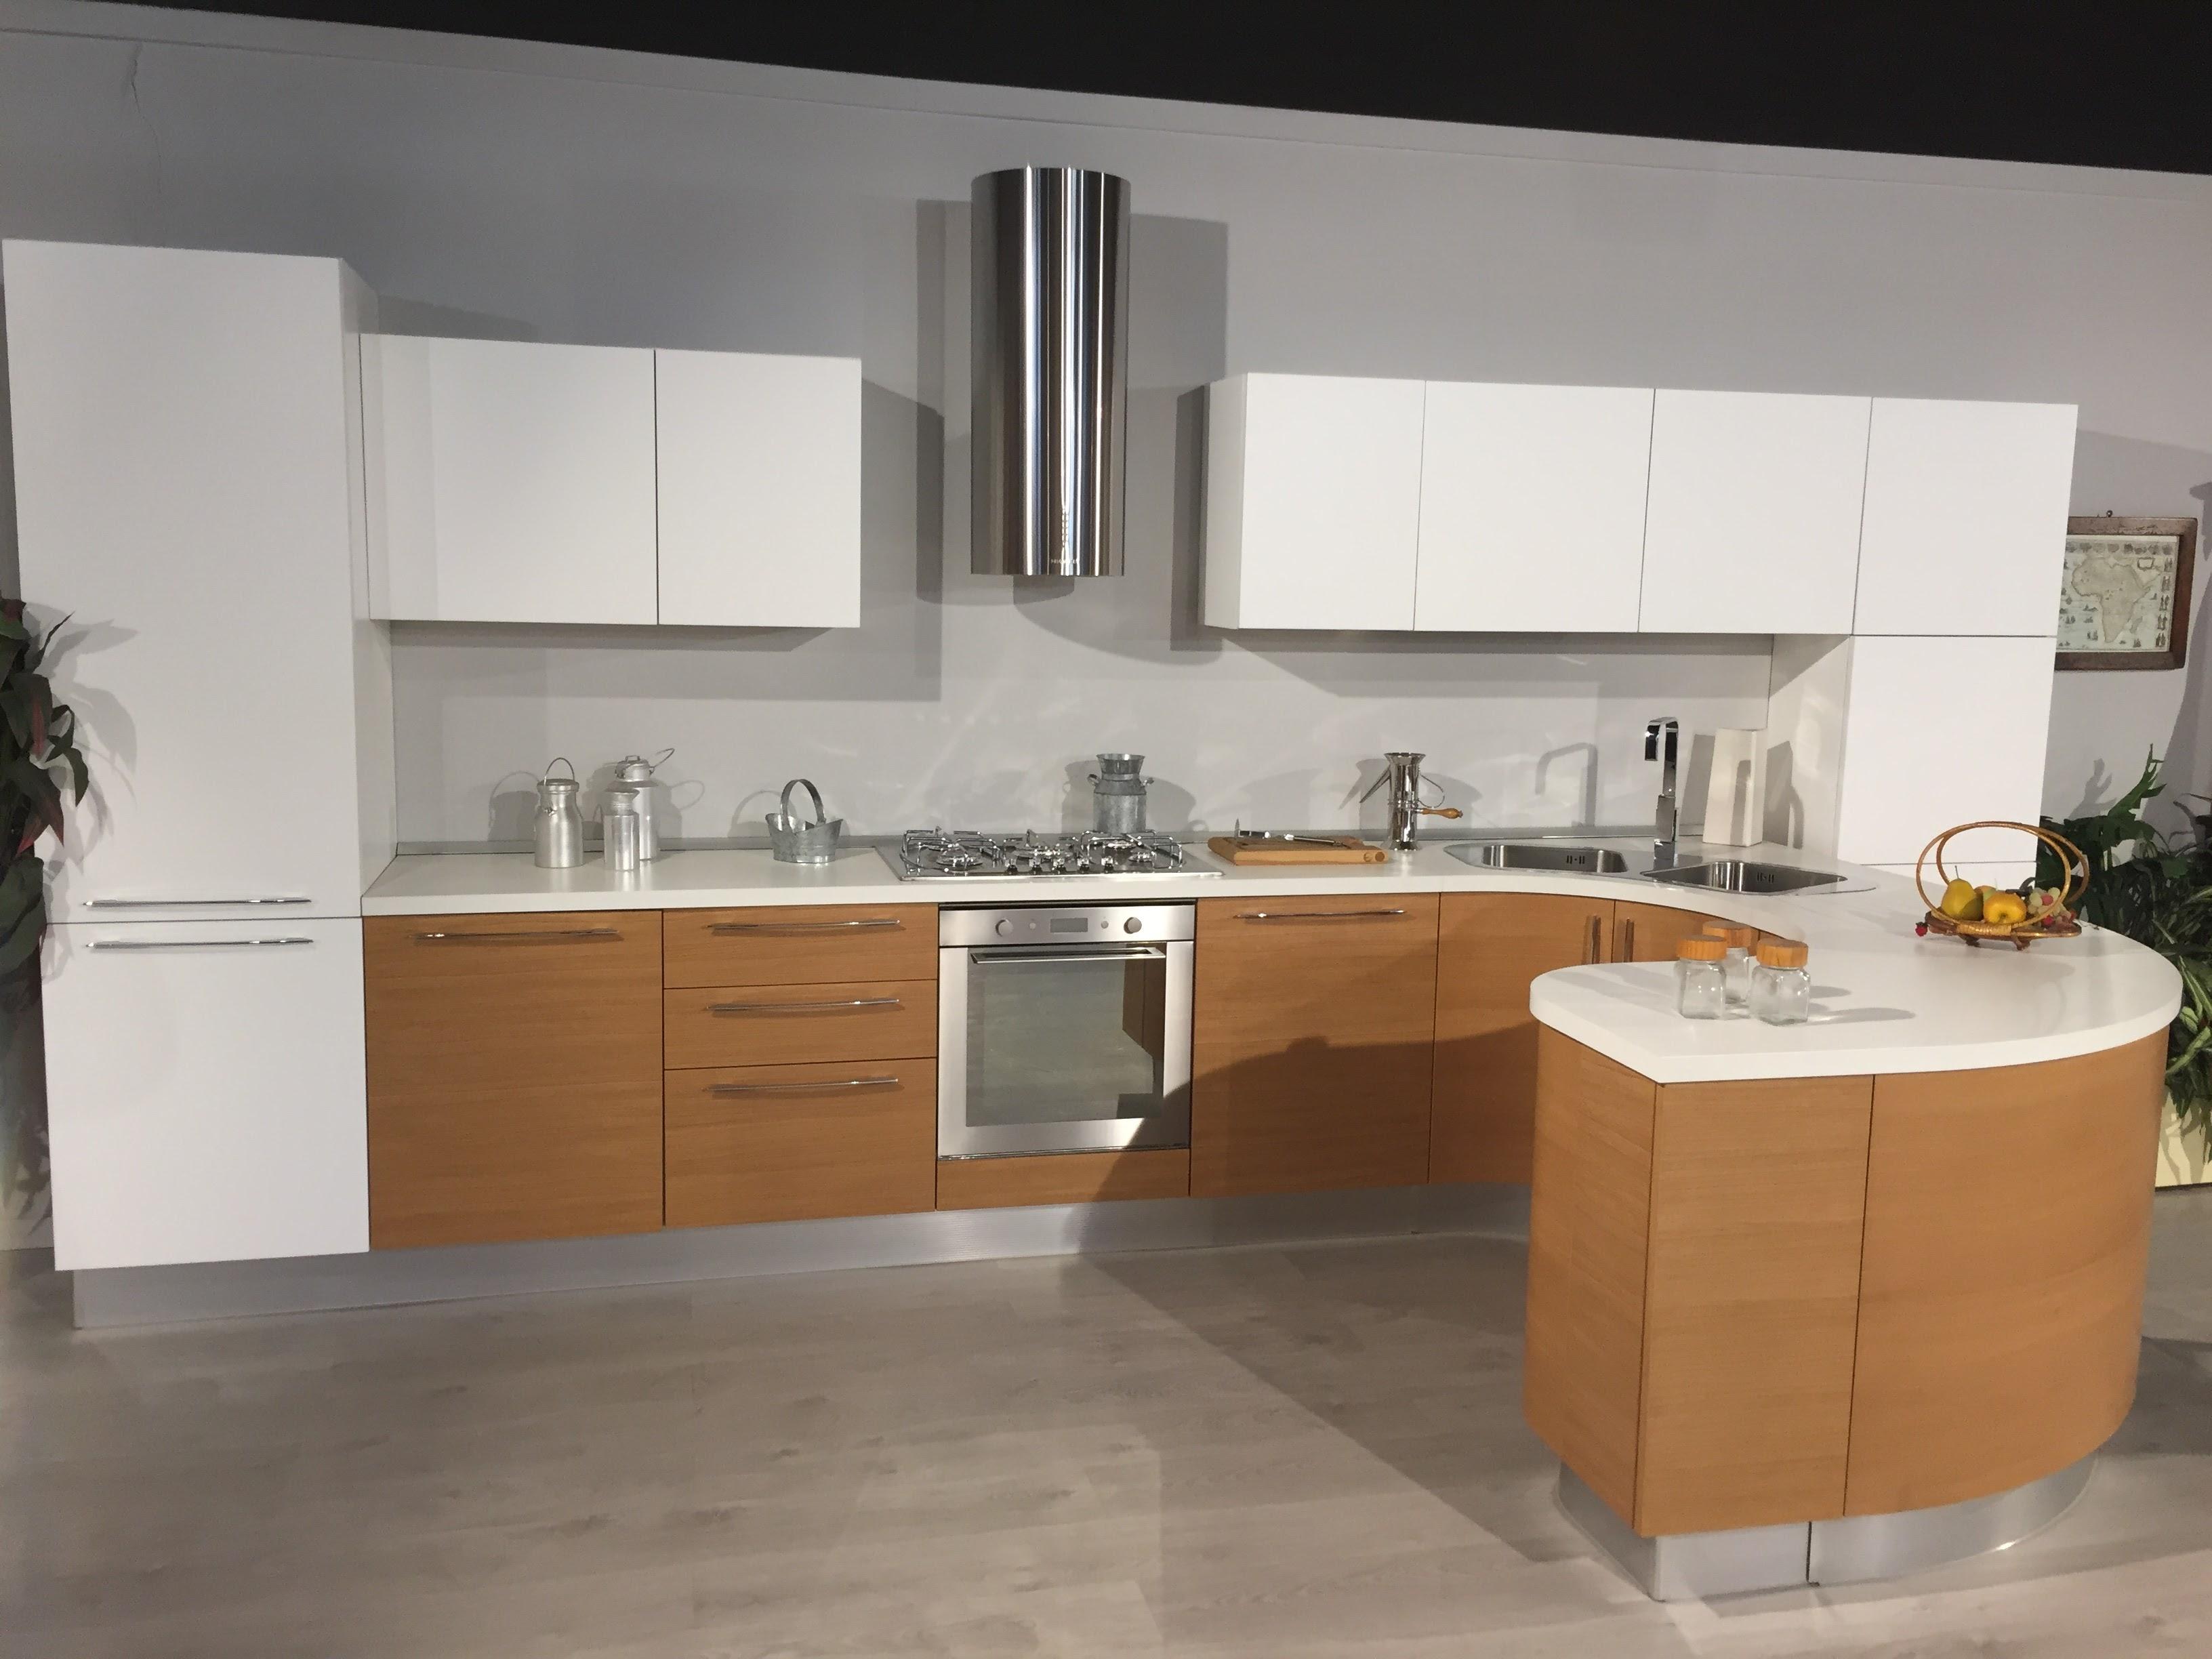 Cucina moderna lineare con penisola tonda modello zen scontata del 65 cucine a prezzi scontati - Cucine a penisola ...